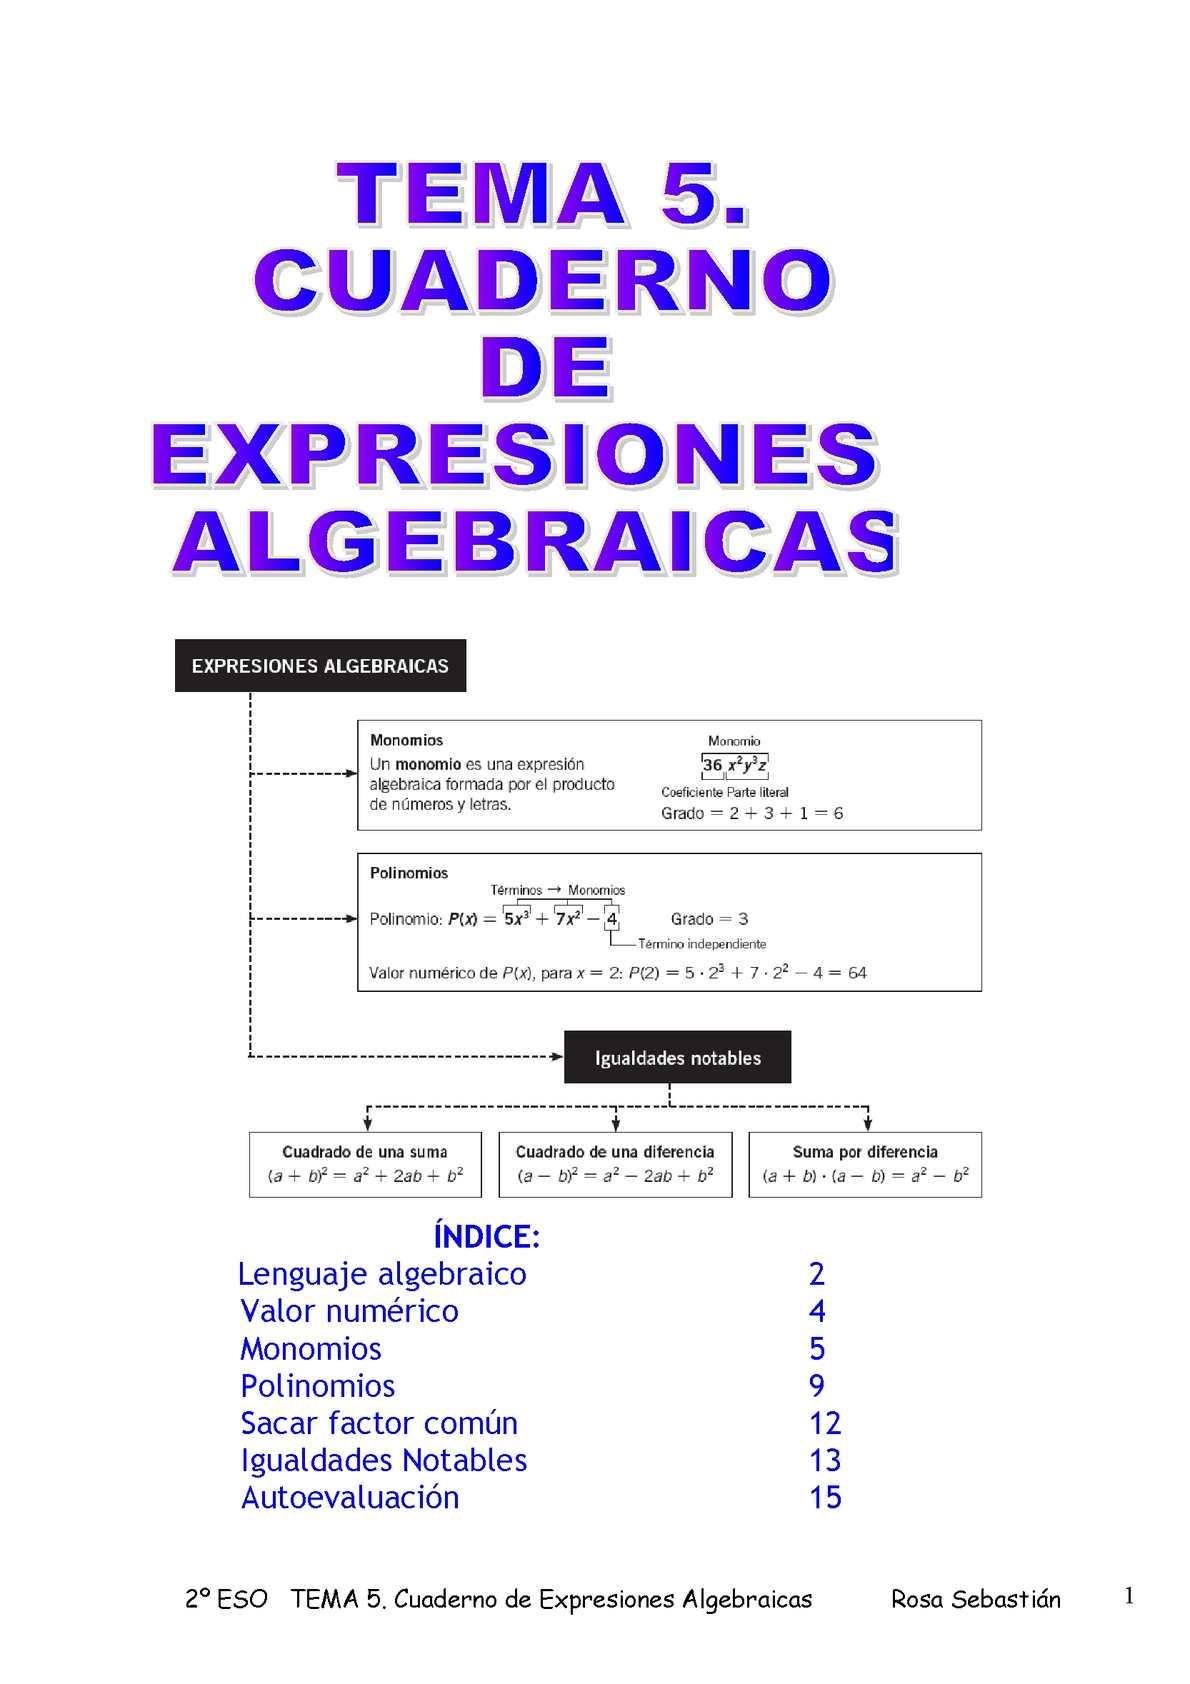 cuaderno de EXPRESIONES ALGEBRAICAS